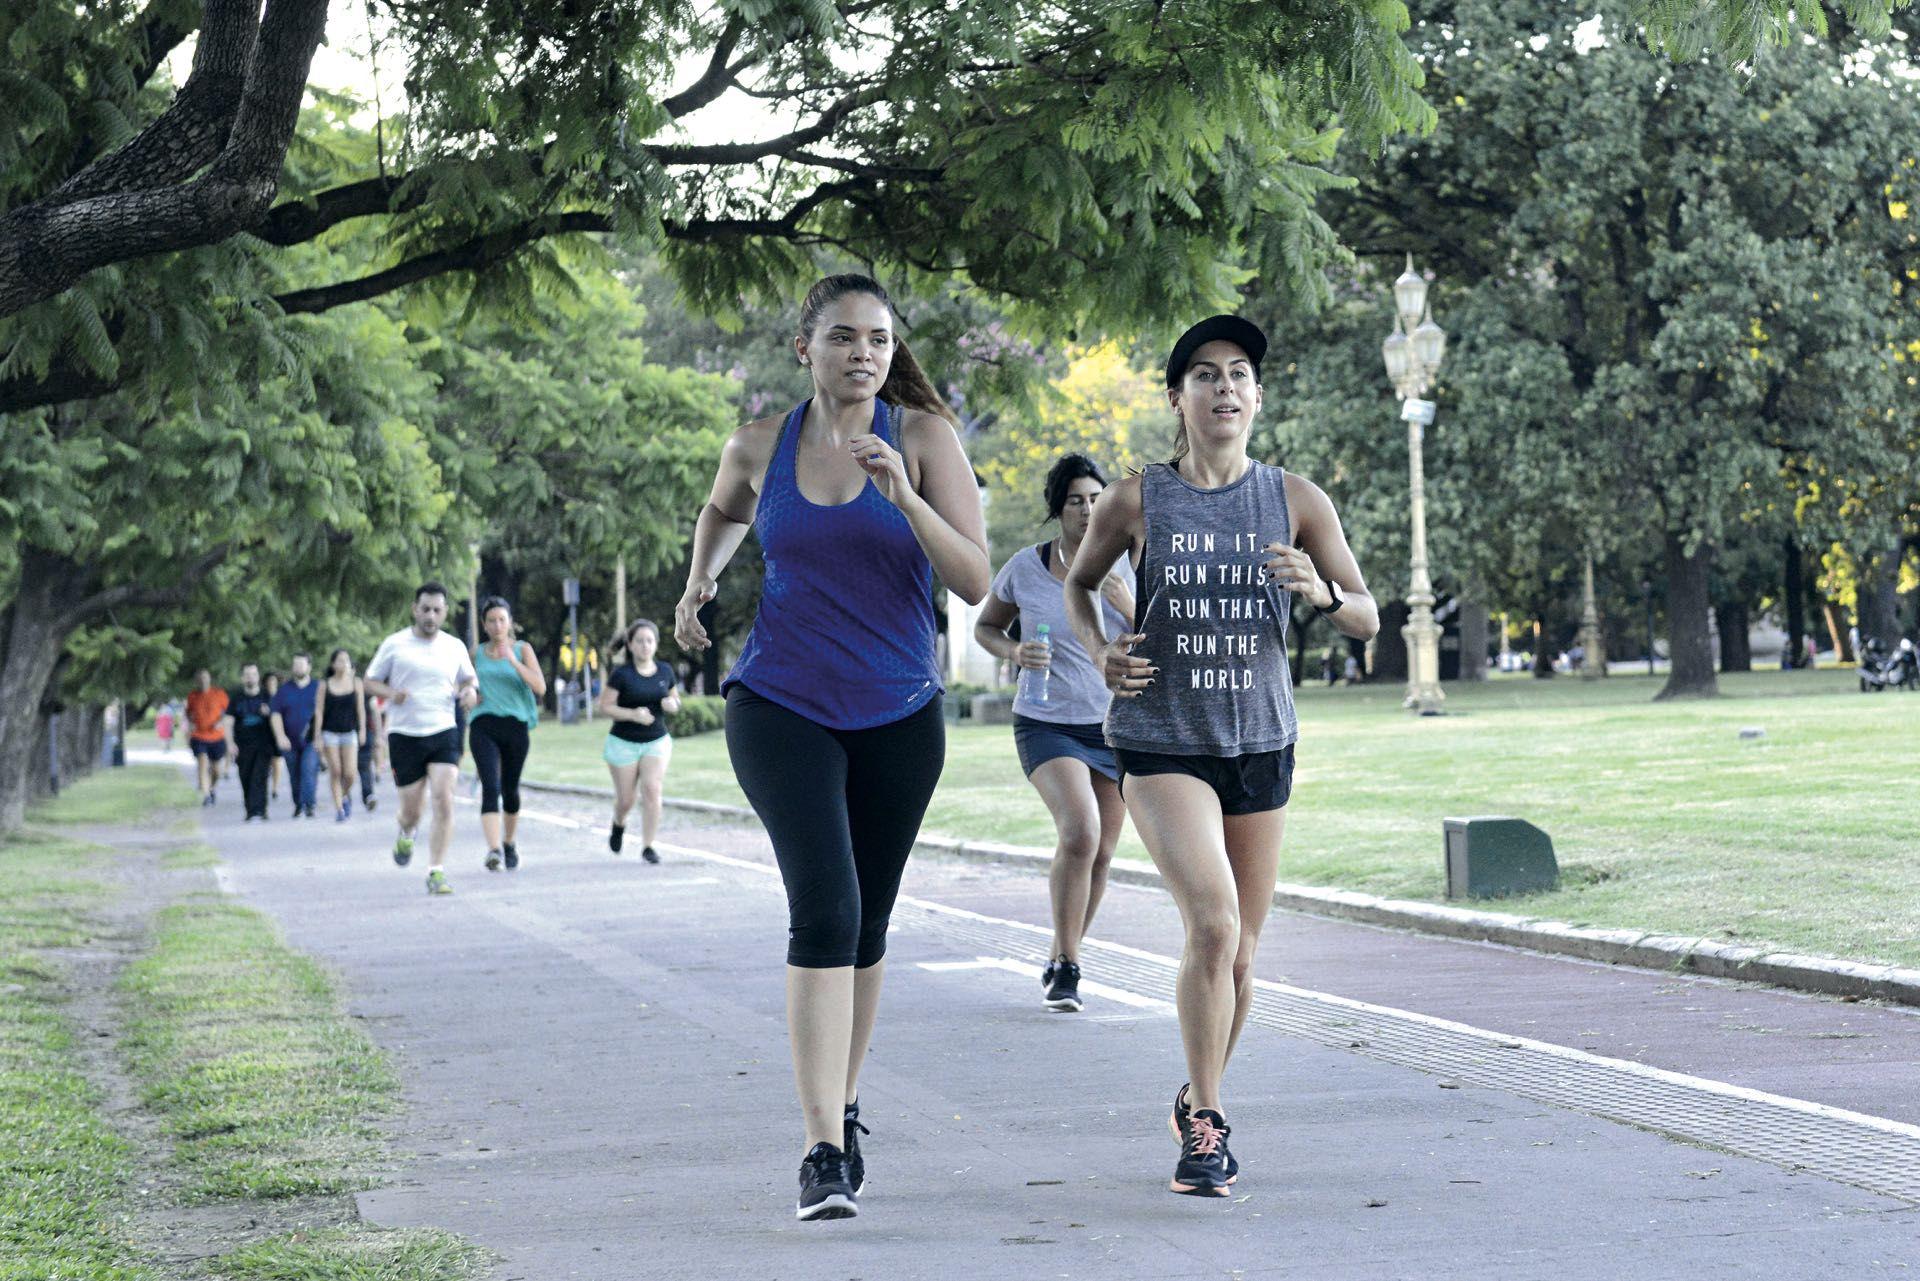 Correr y perseguir los propios objetivos y sueños. De eso se trata.